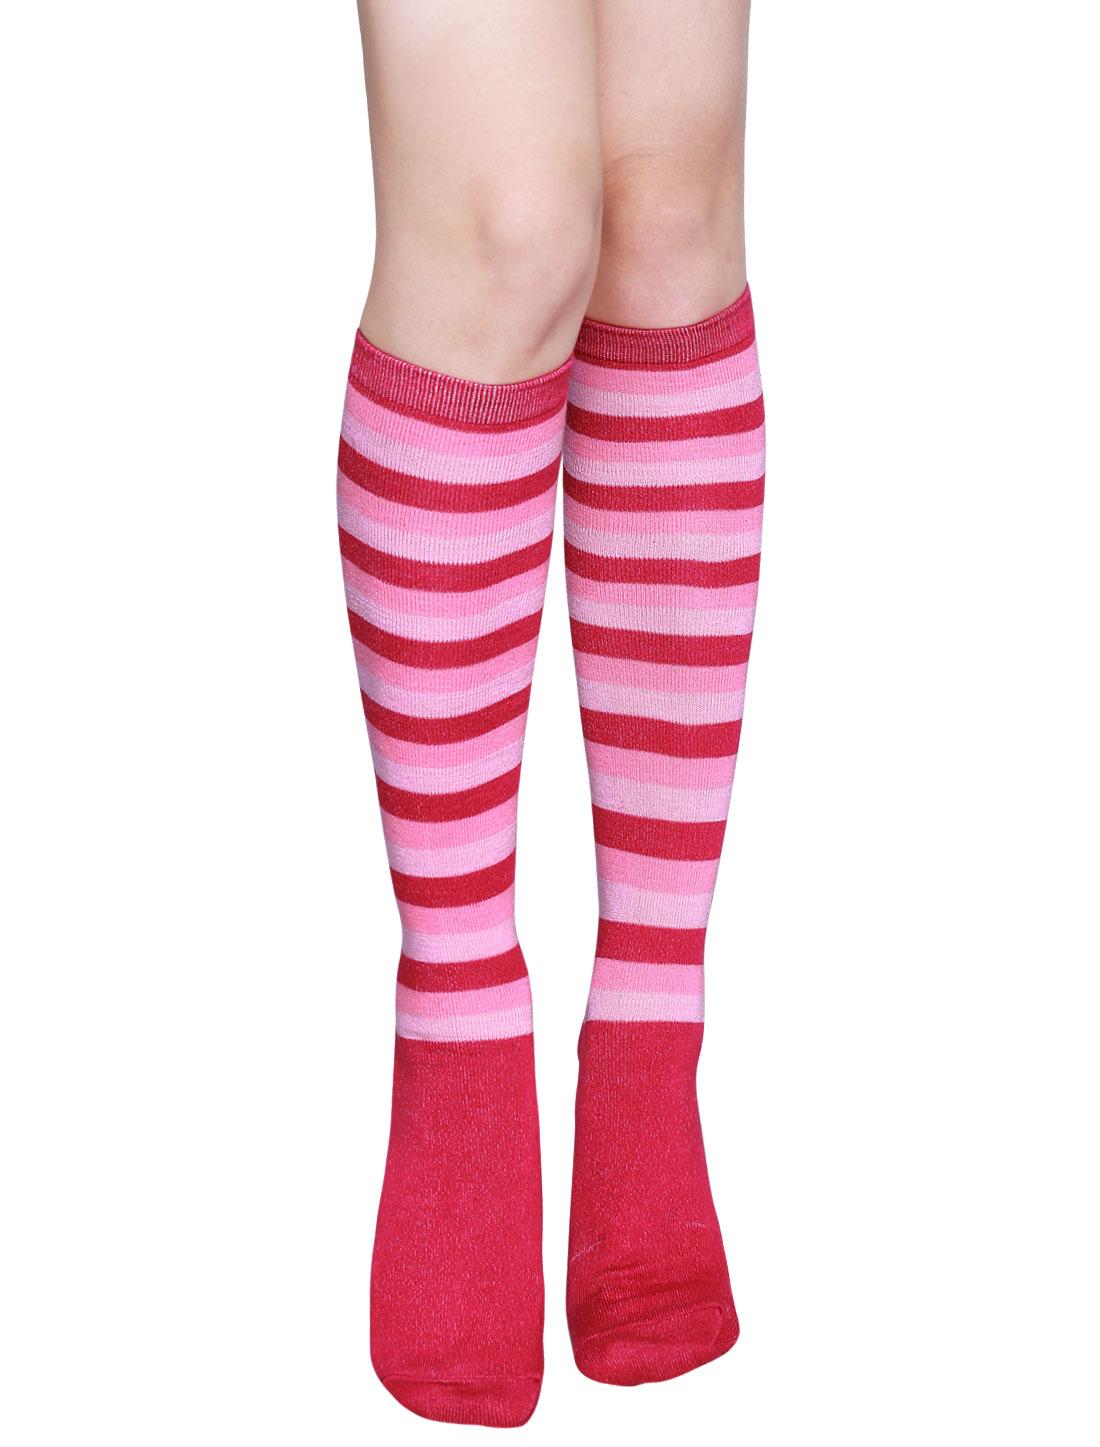 Ladies Stripes Contrast Color Knee High Socks Pair Pink